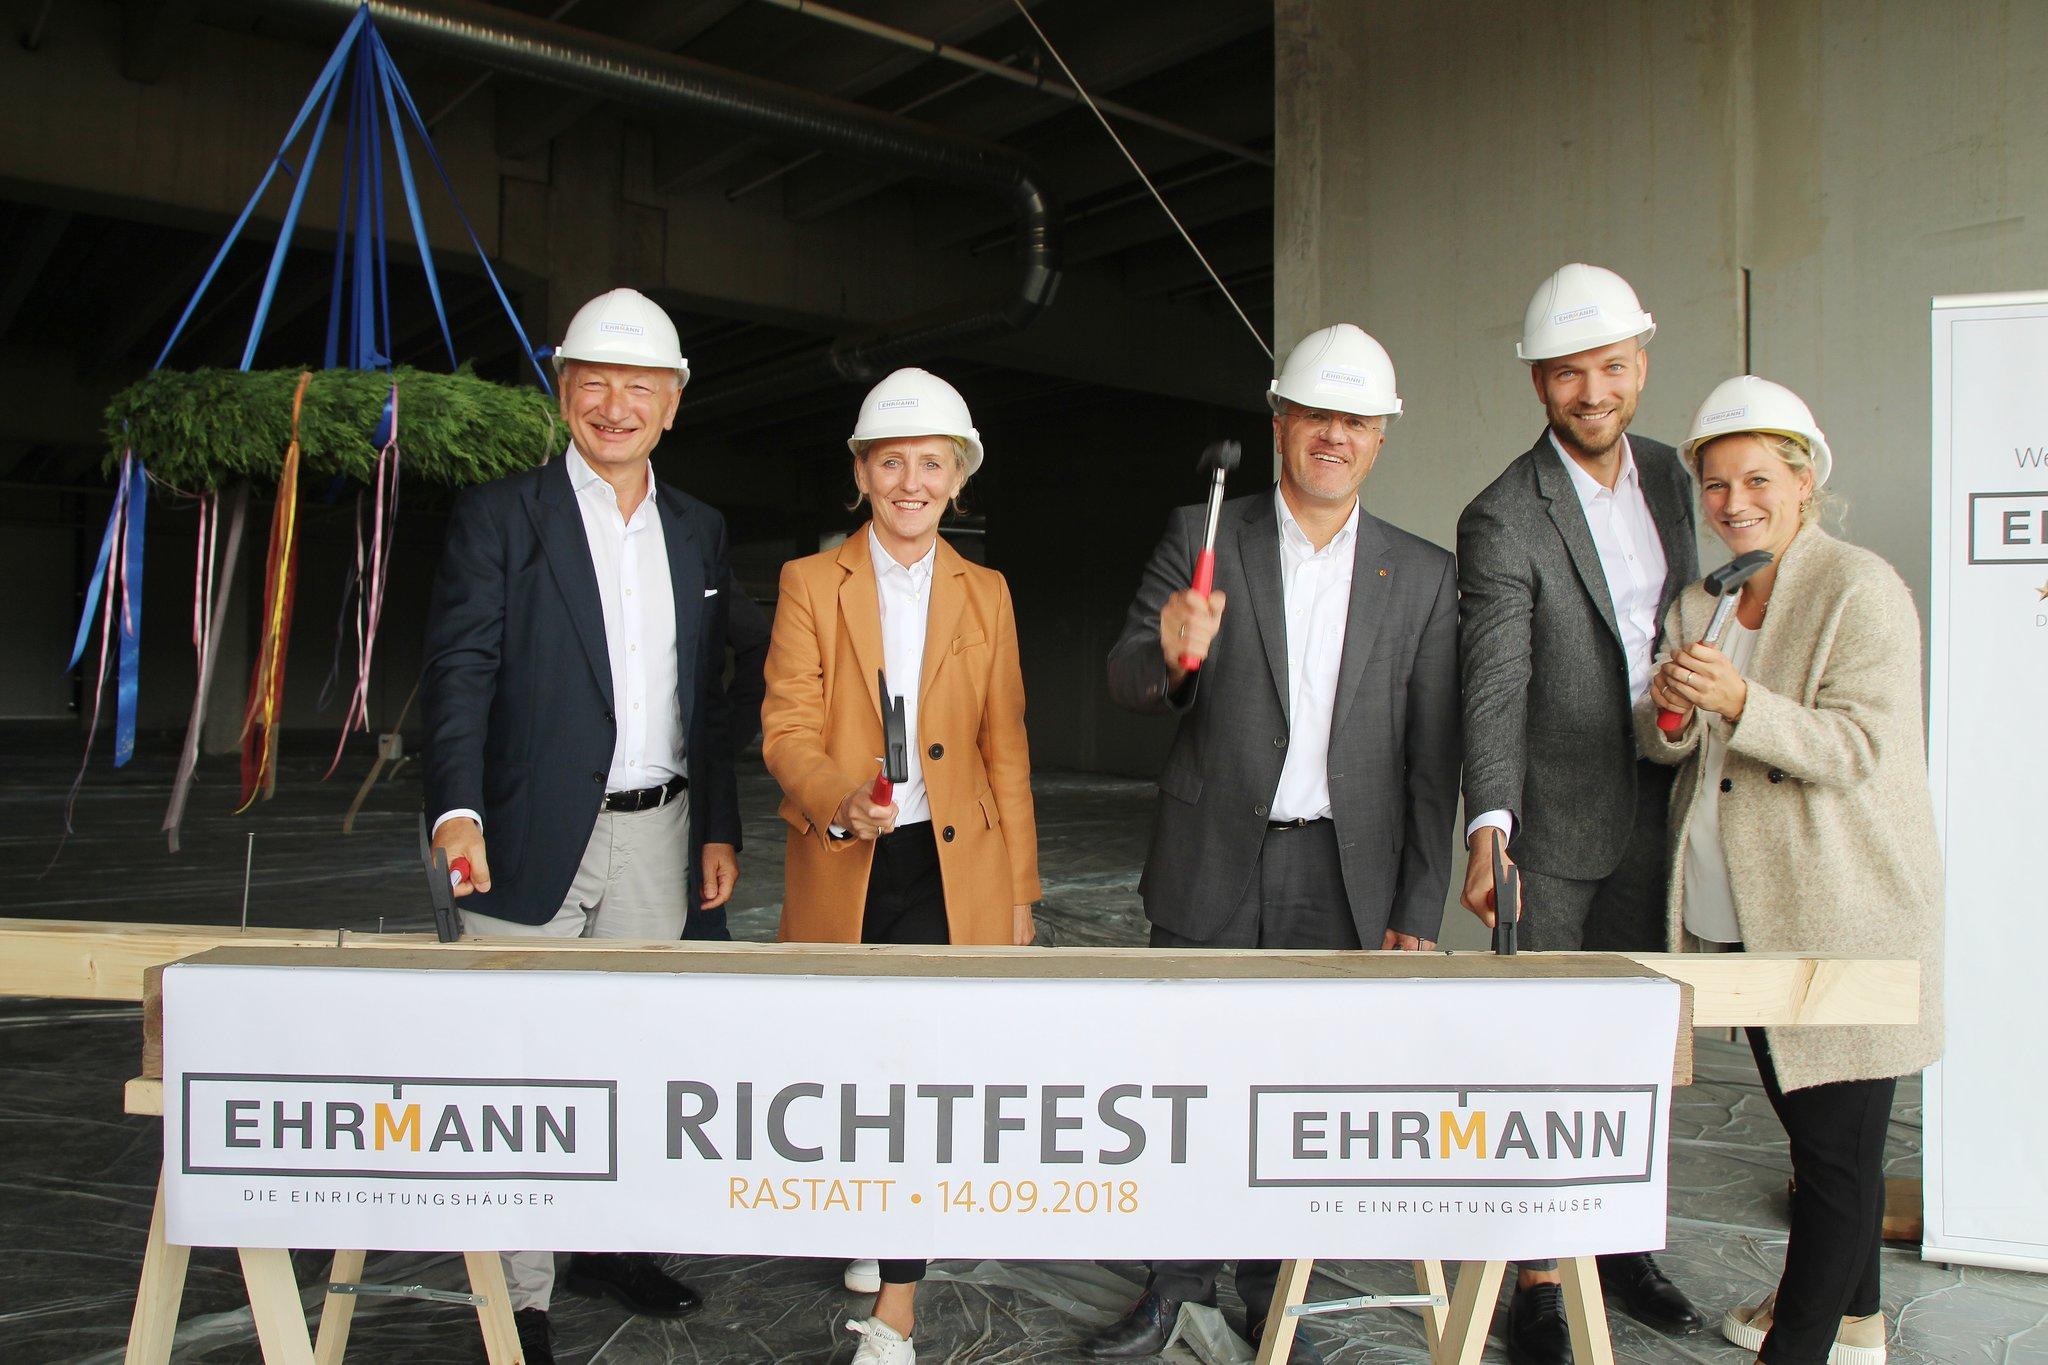 Das Neue Haus In Rastatt Soll Noch Im Dezember Eroffnet Werden